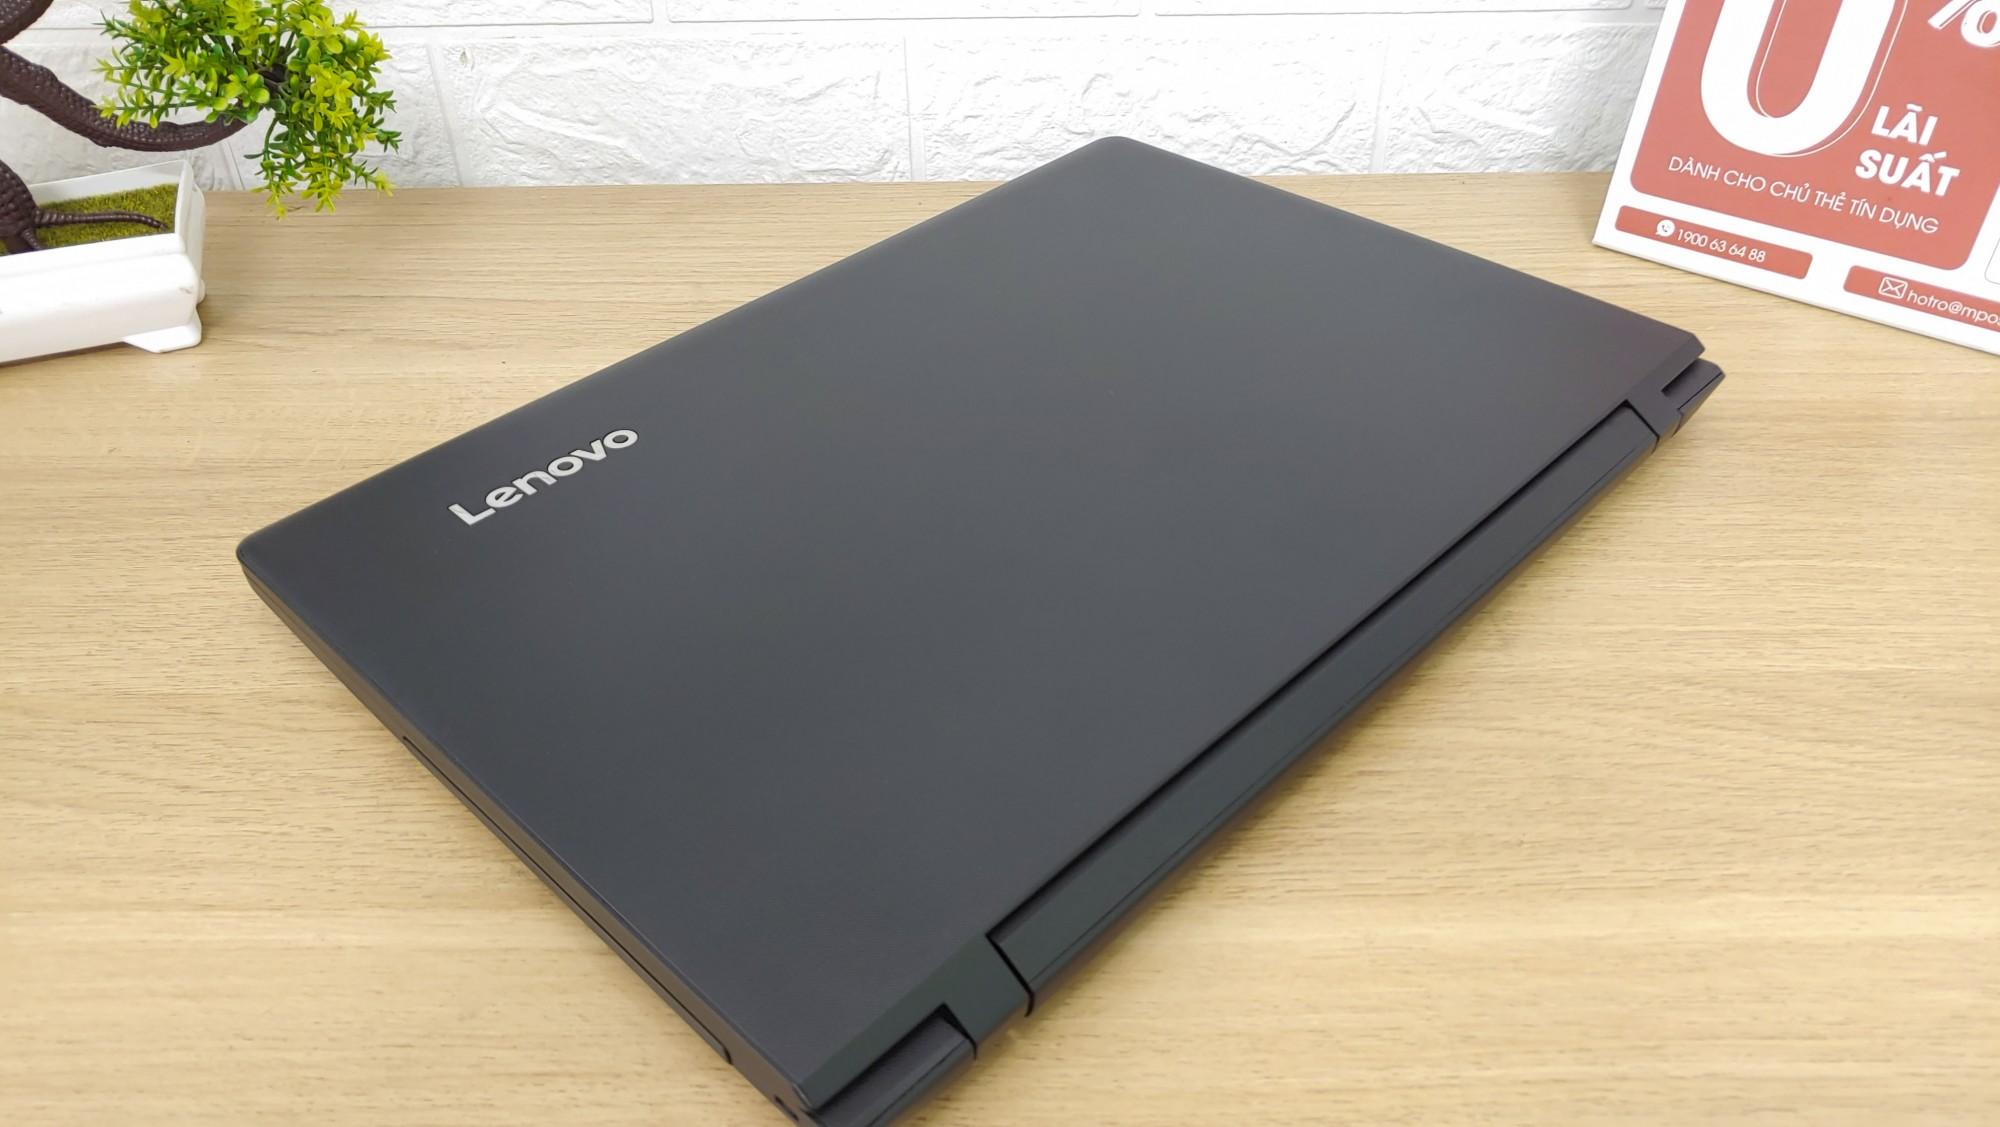 Lenovo IdeaPad 100-15ISK